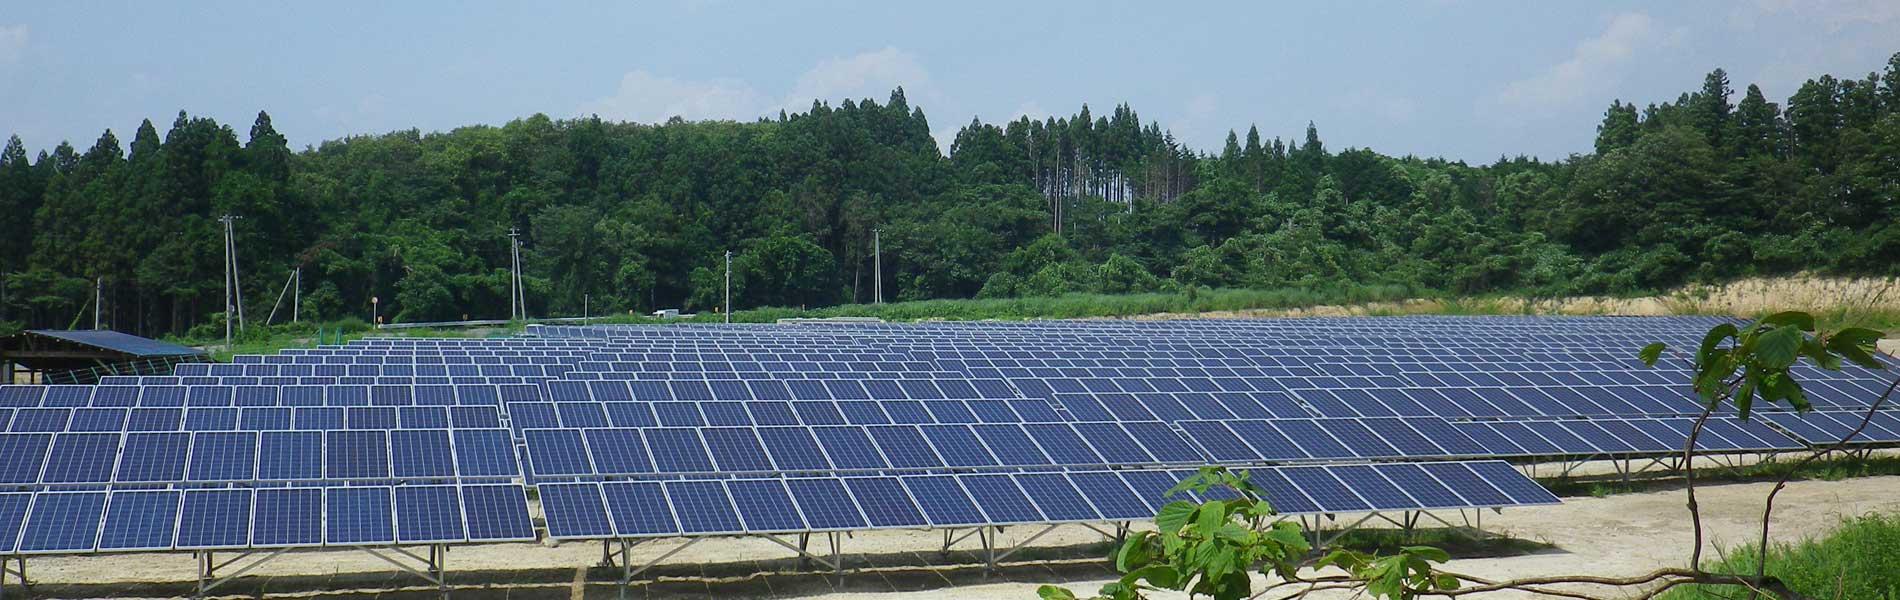 再生エネルギー発電事業